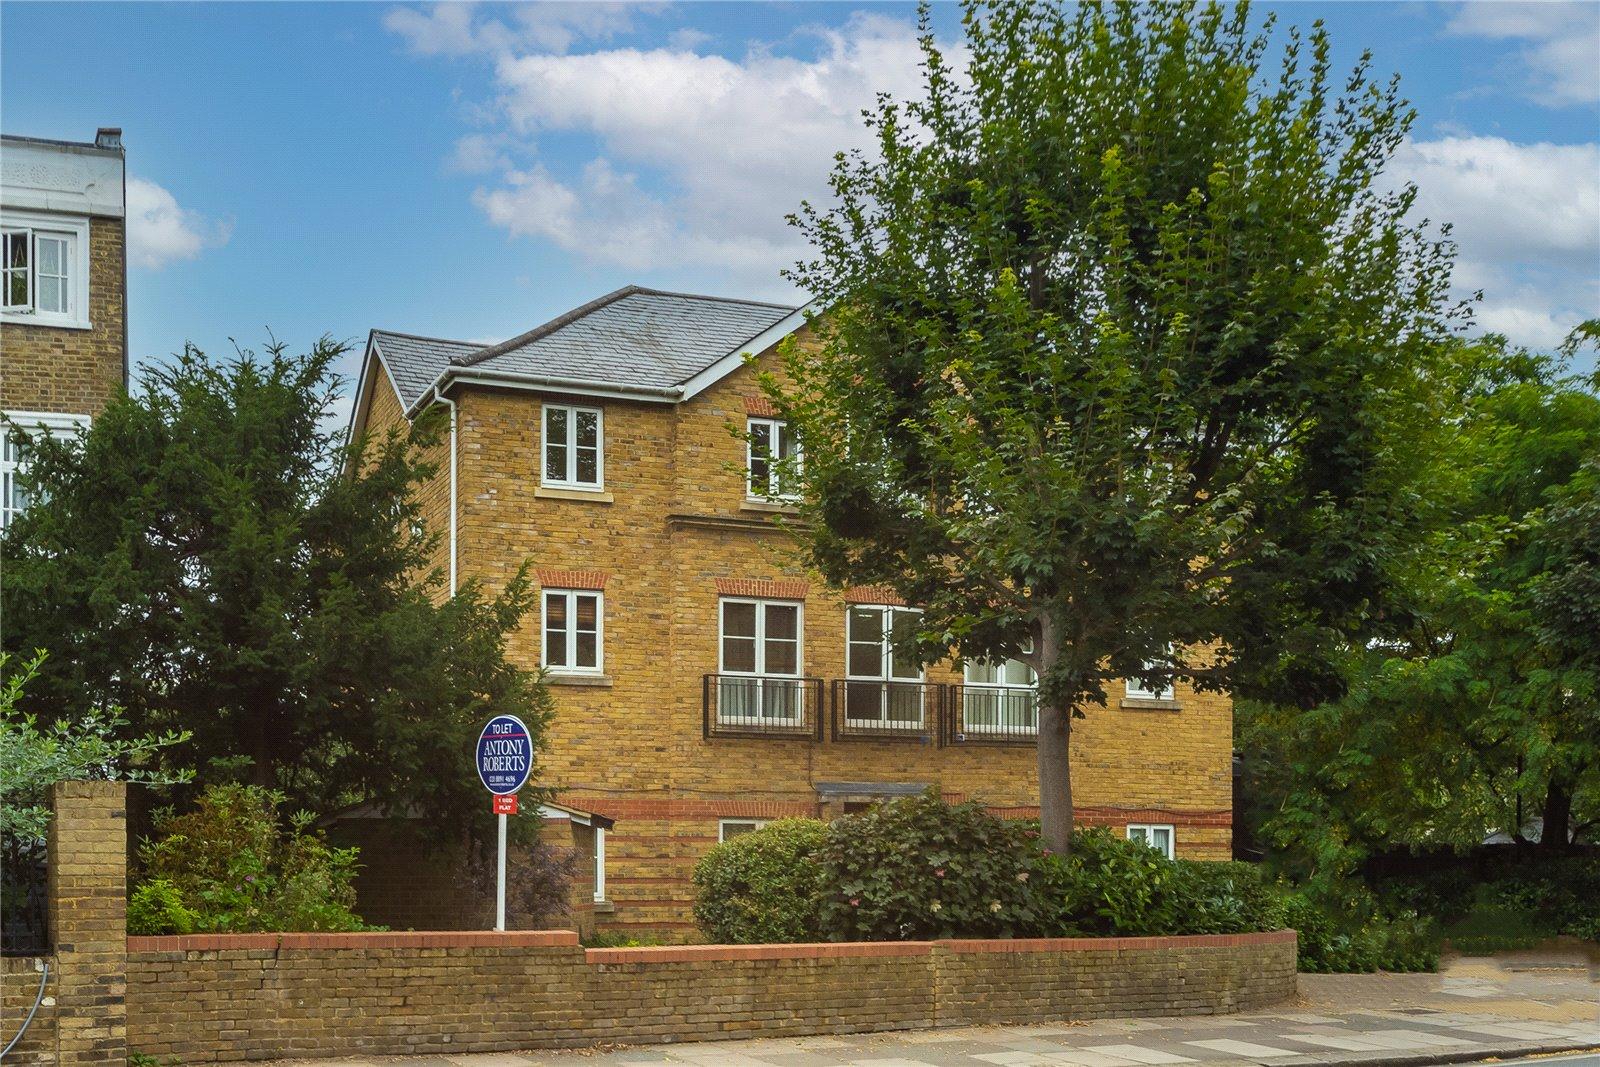 Richmond Road, Twickenham, TW1 2NT - Antony Roberts